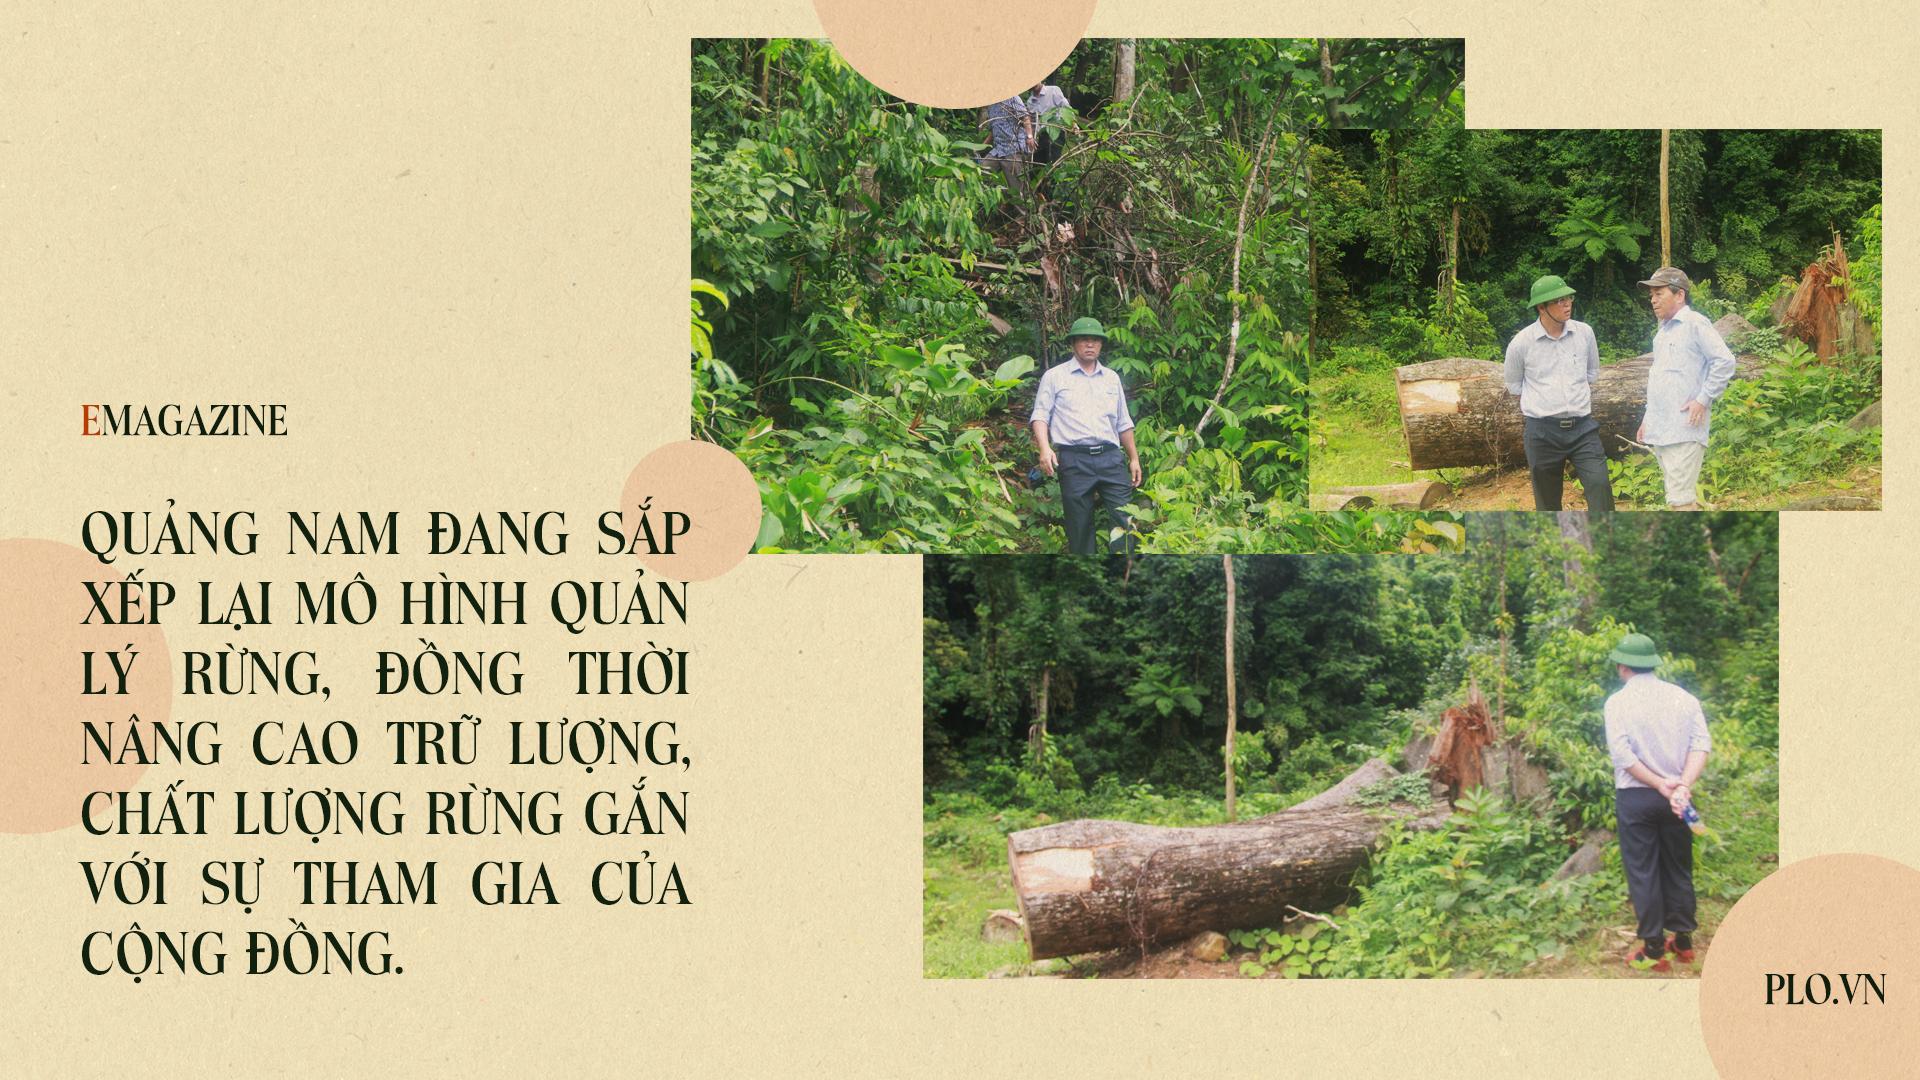 Emagazine: Chủ tịch Quảng Nam và 4 điểm nhấn phát triển - ảnh 5